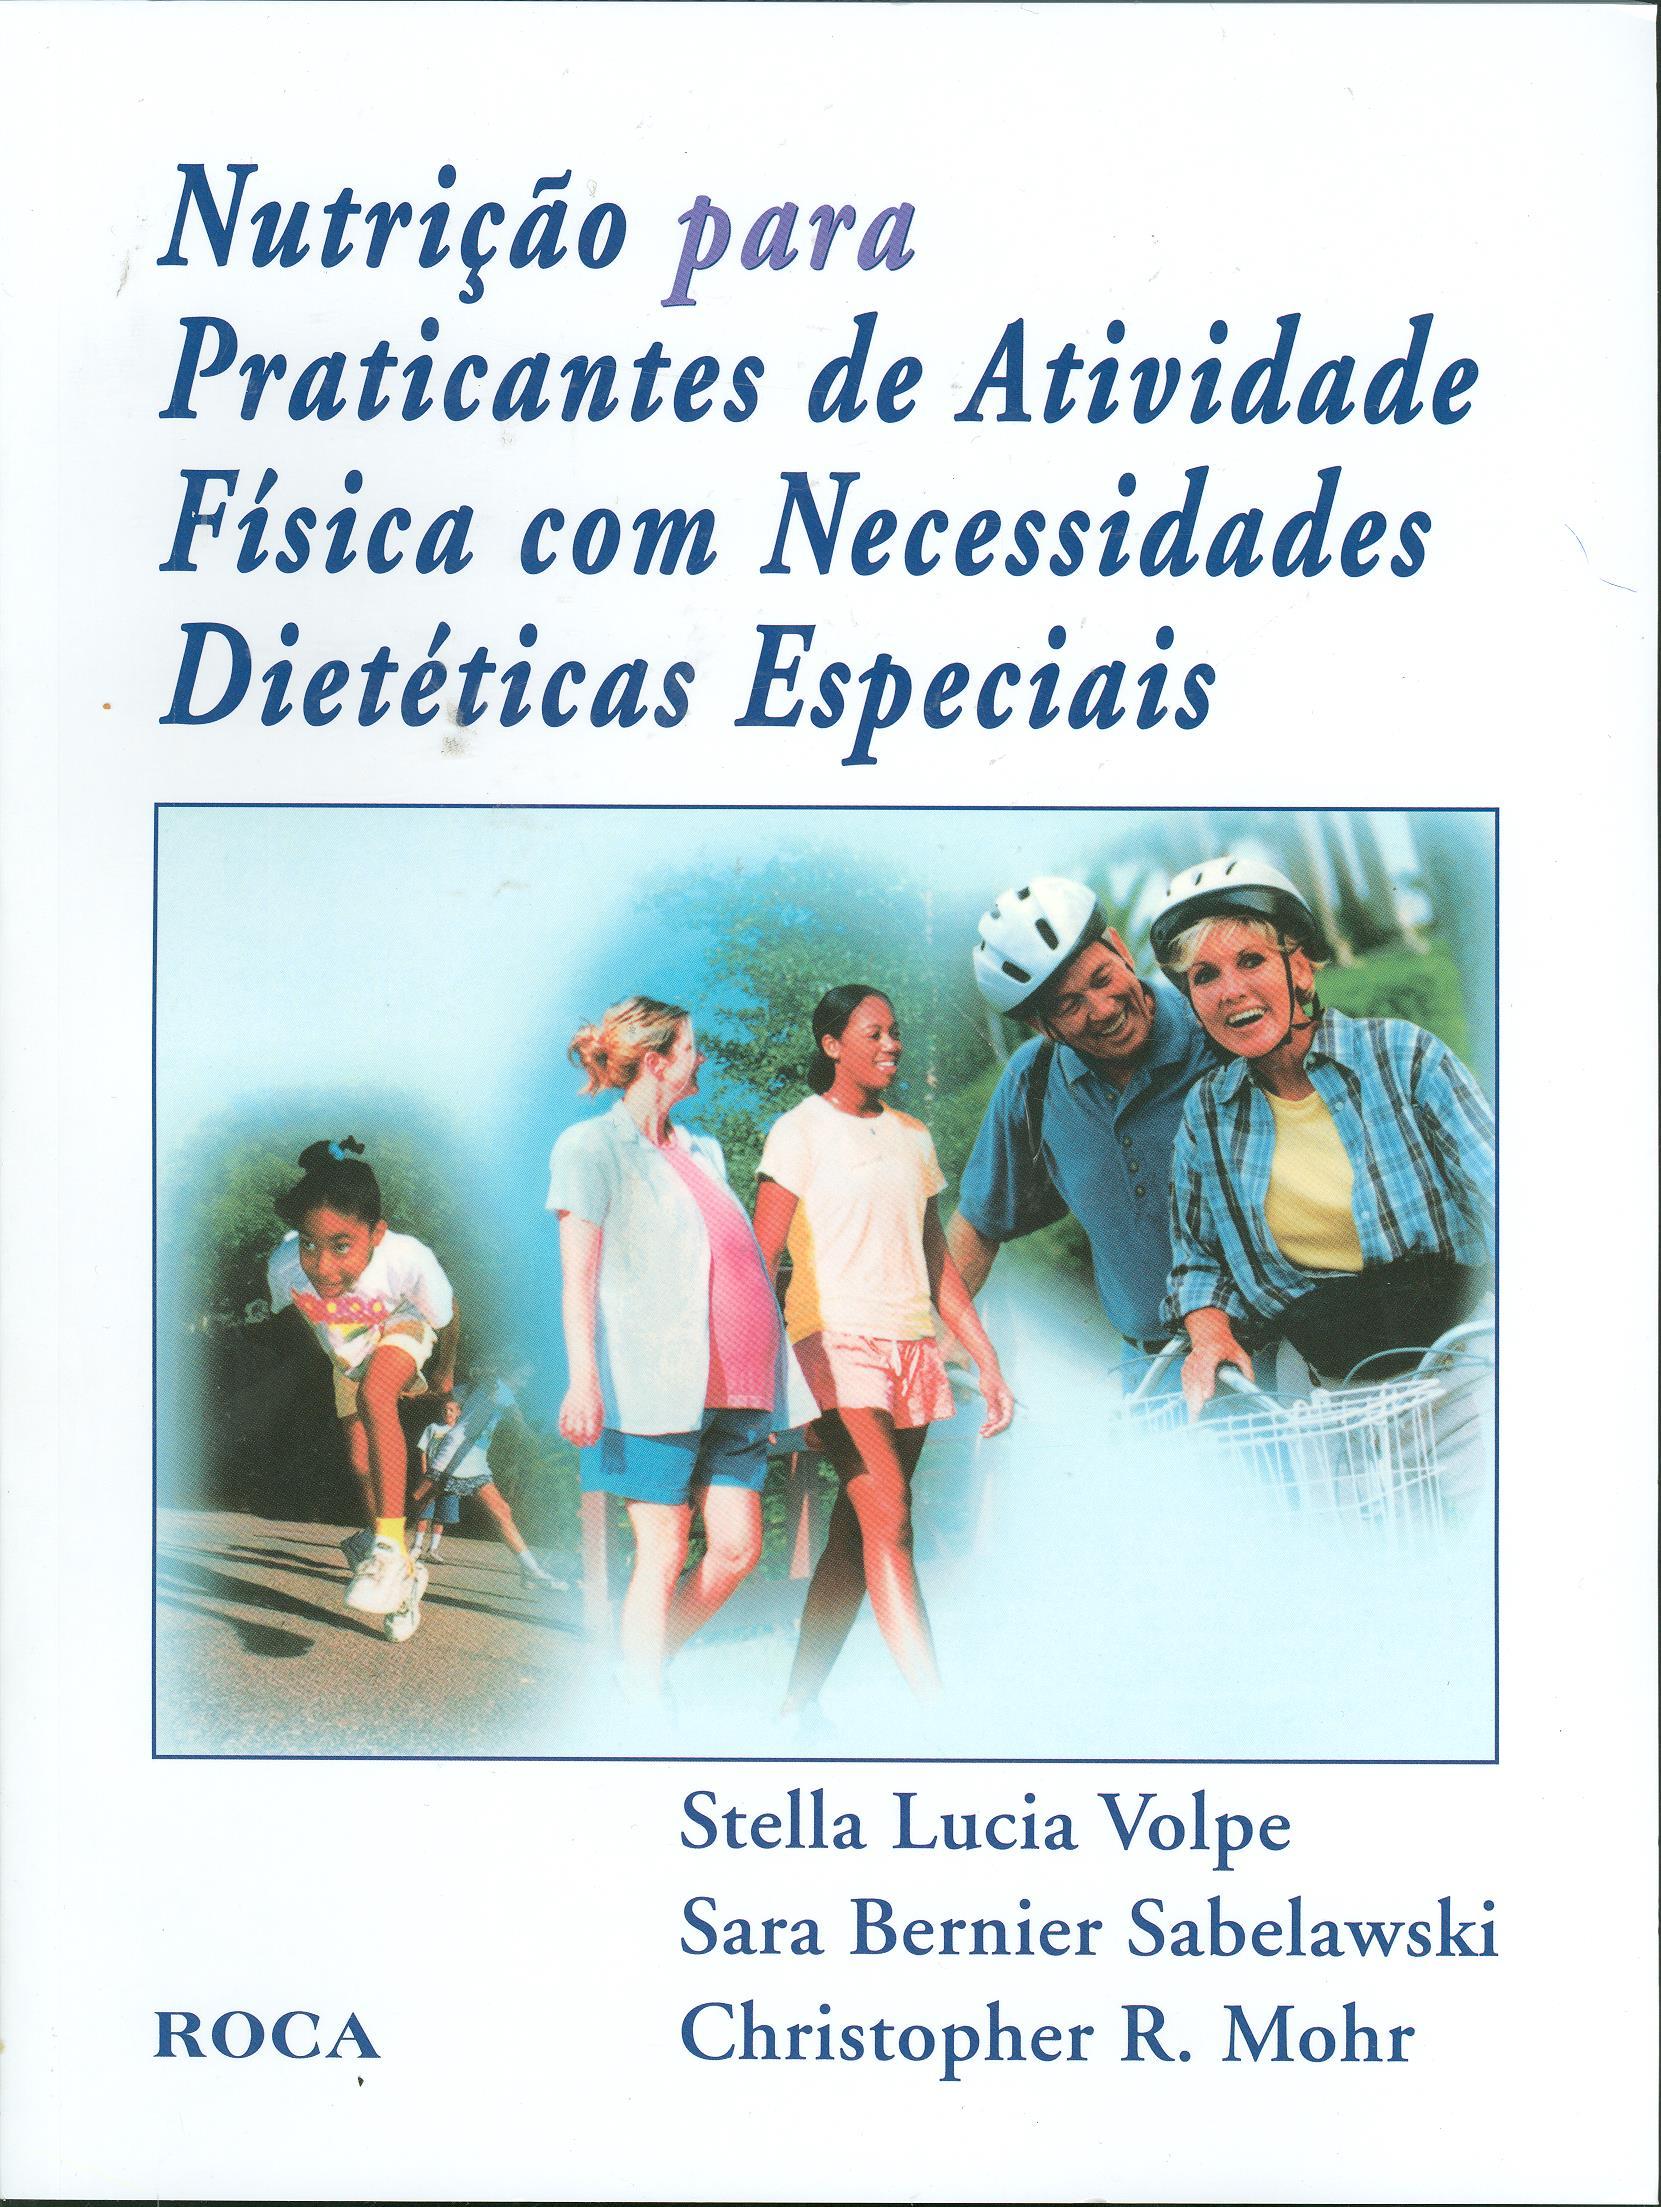 Nutrição para praticantes de atividade física com necessidades dietéticas especiais